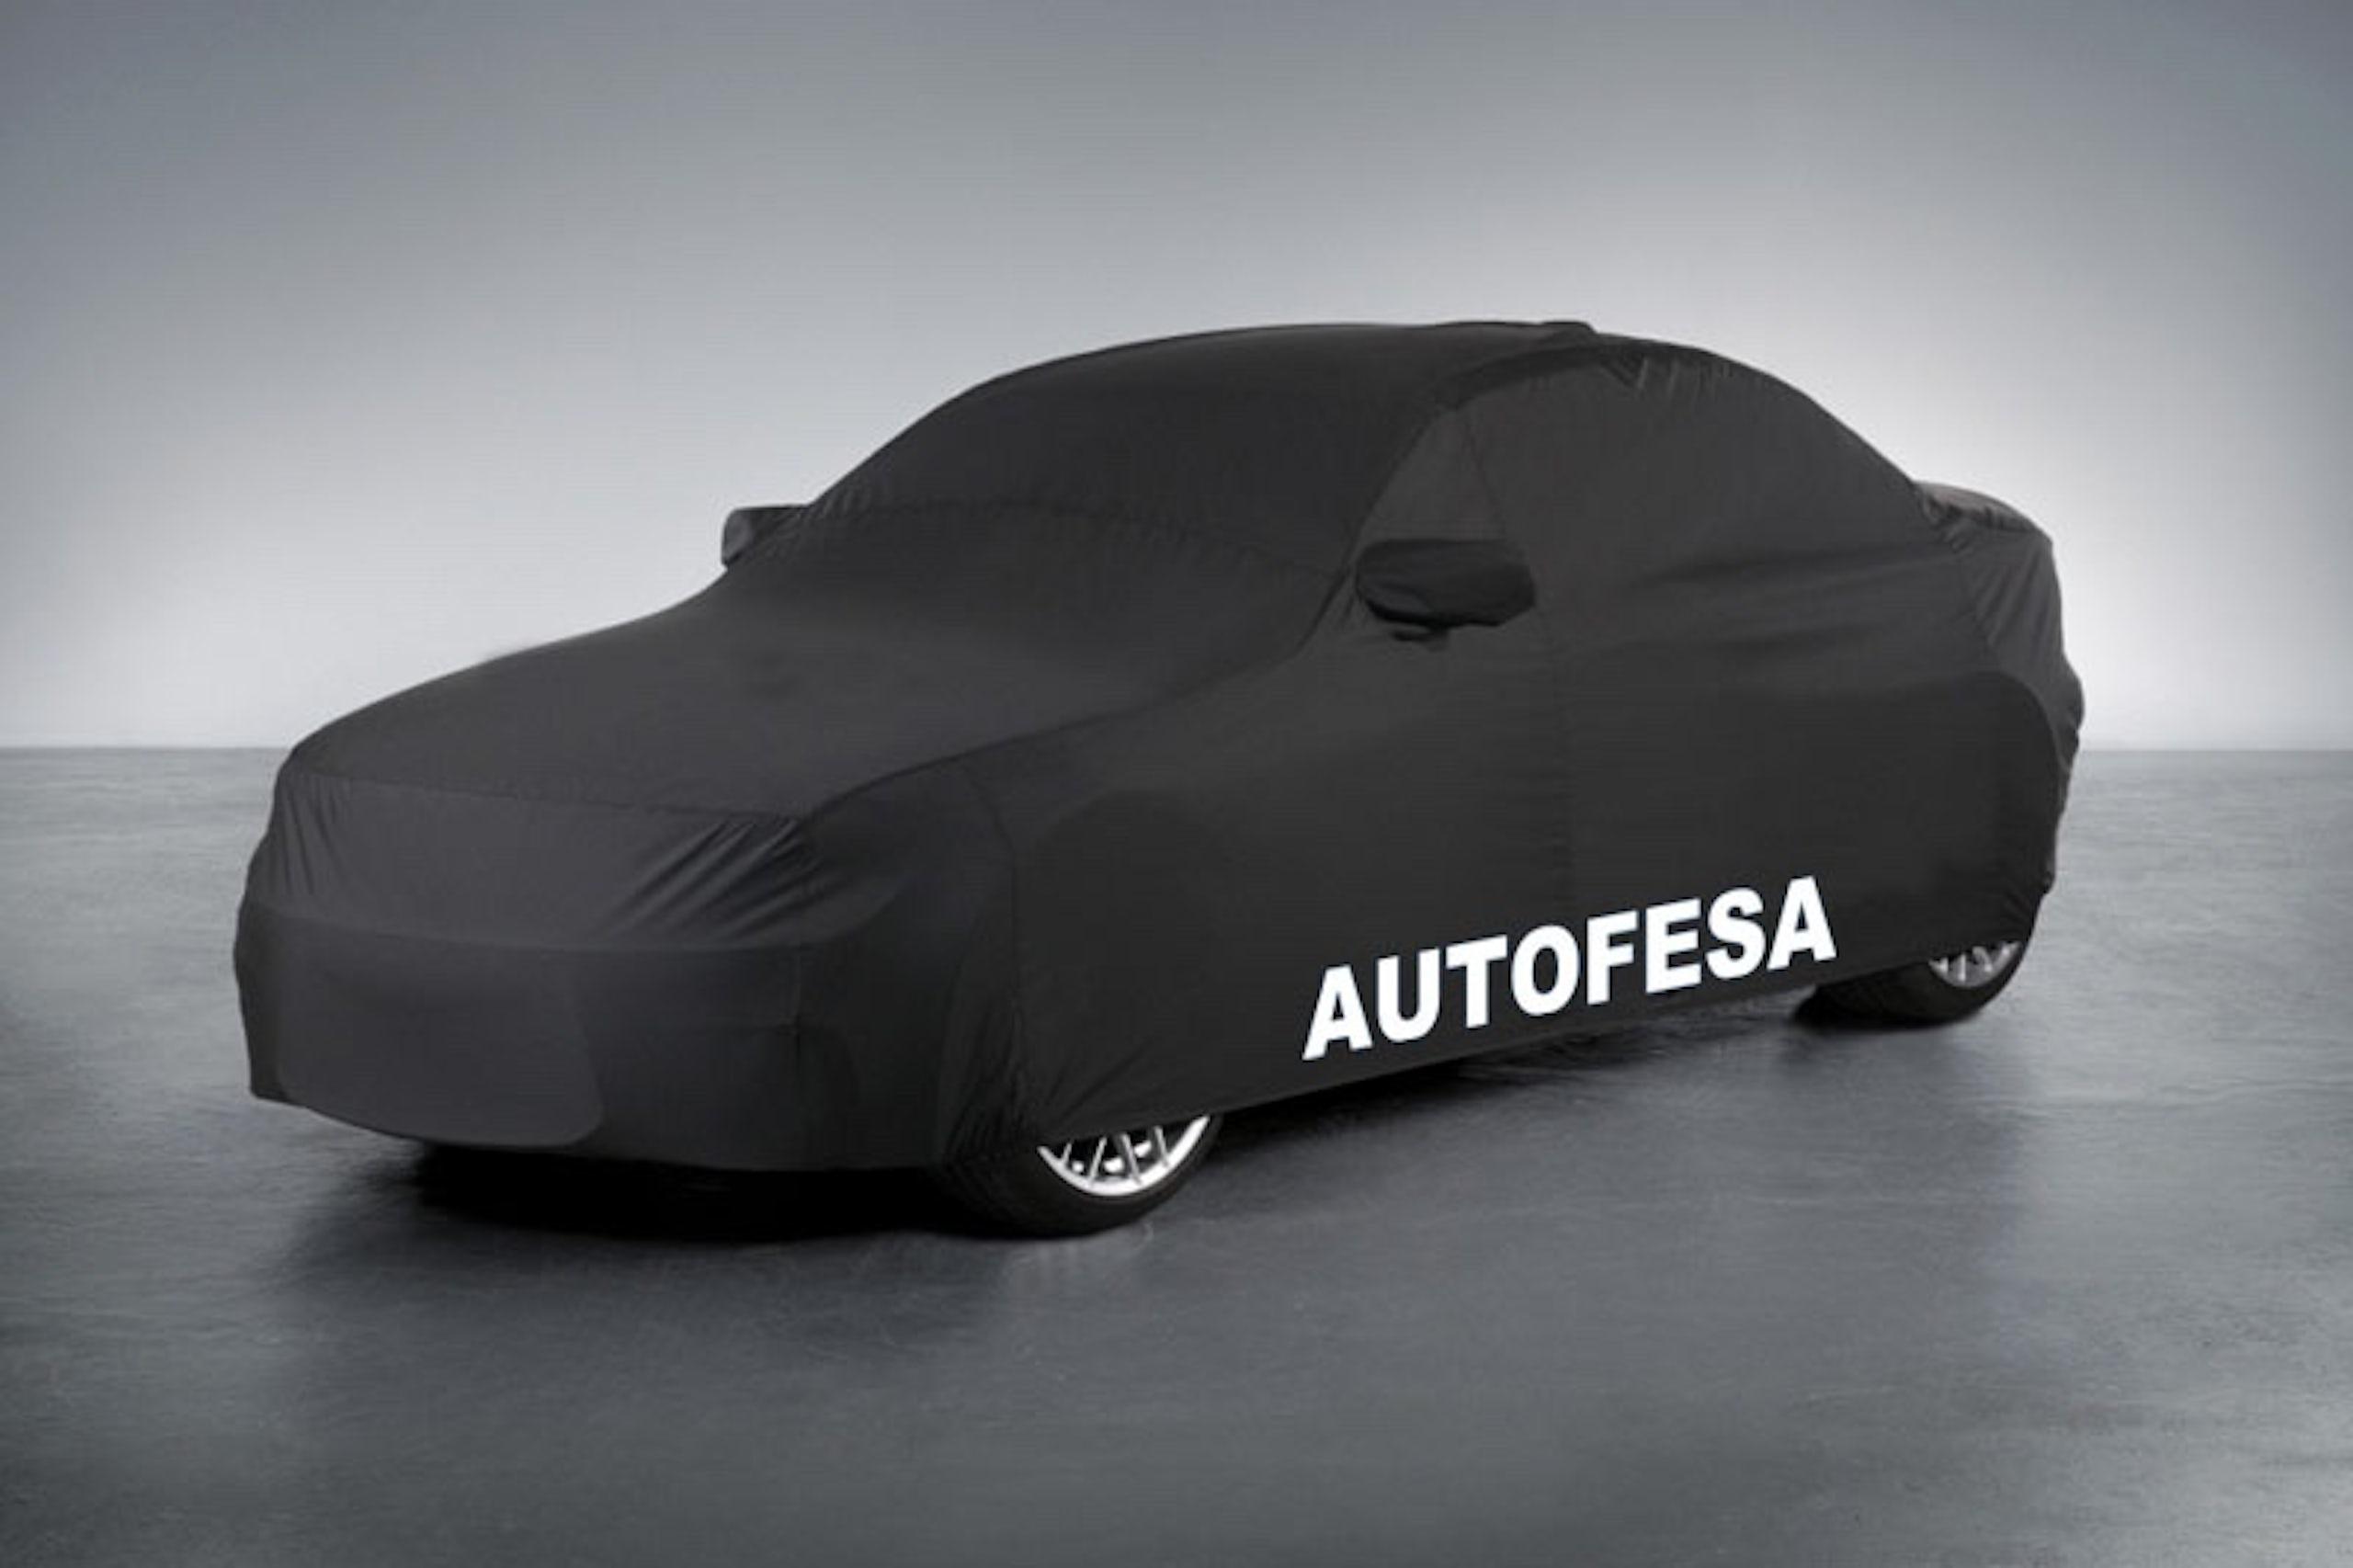 Audi Tt Roadster 2.0 TFSI 230cv quattro 2p Stronic Auto  S/S - Foto 29